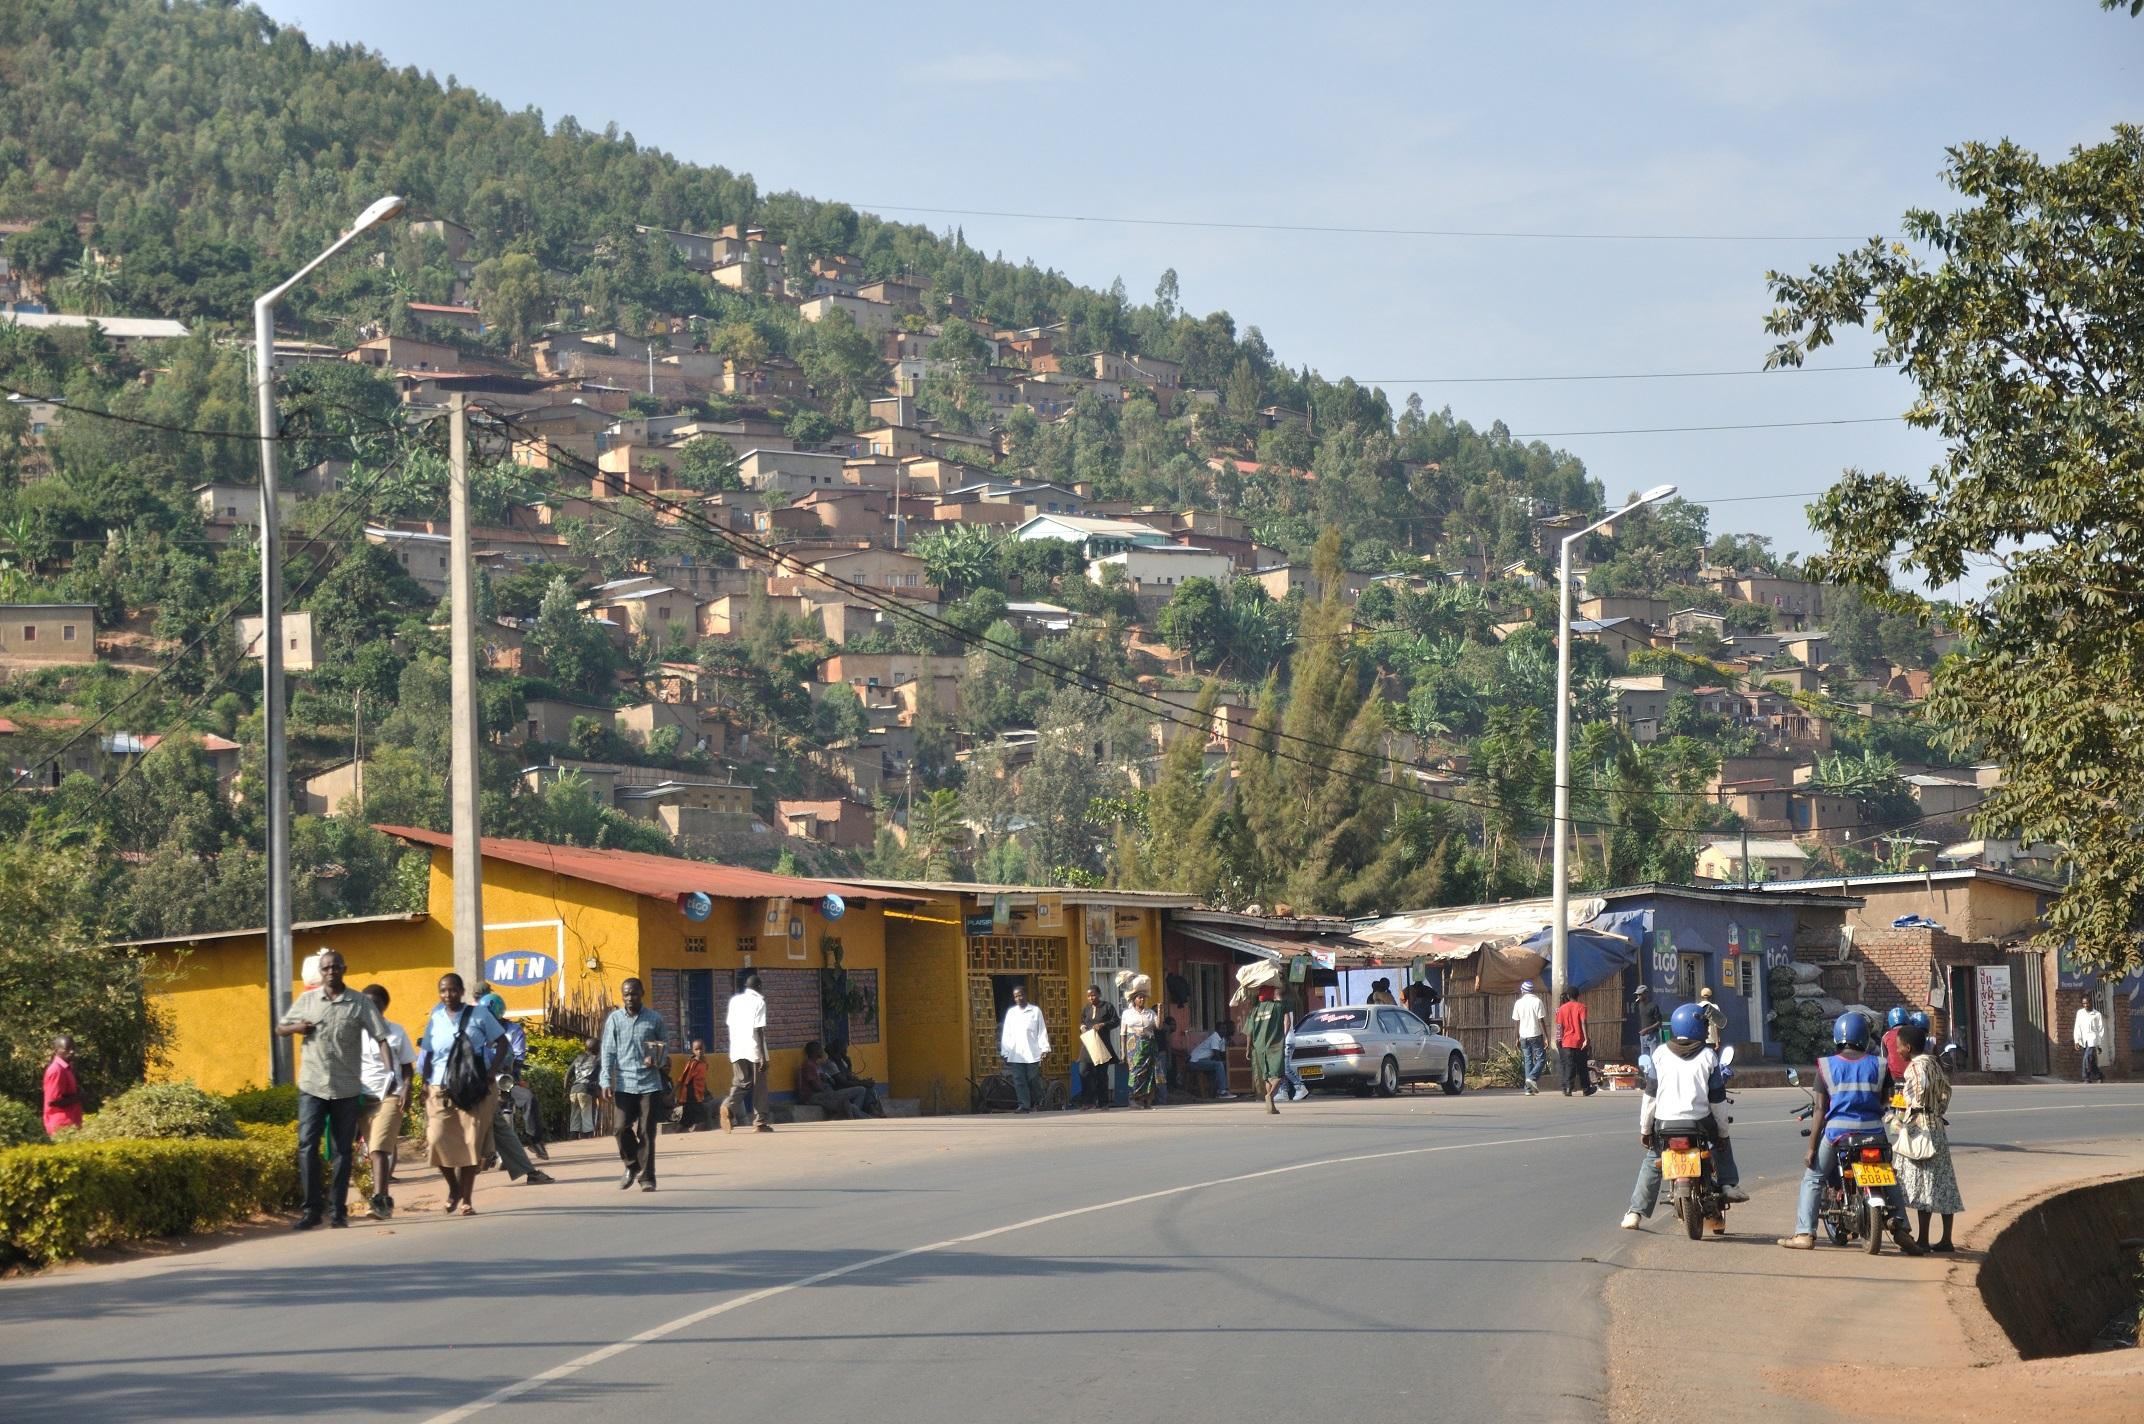 被問到哪些問題對盧安達人來說是忌諱,Amiel腦中浮現的第一個問題就是「你是哪一族人」。